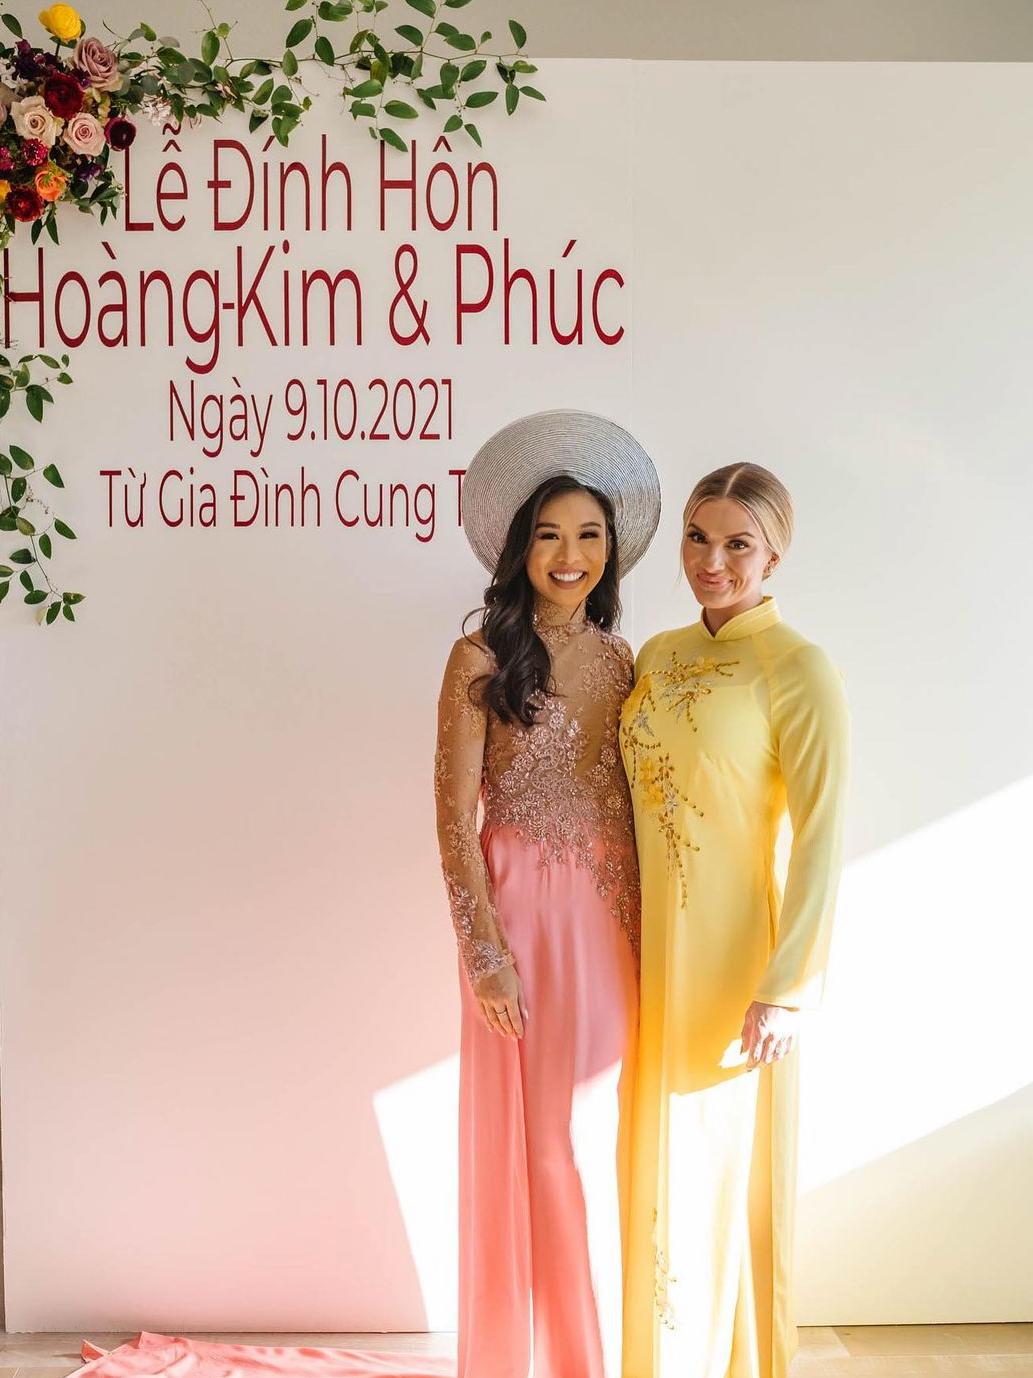 Sarah chụp ảnh cùng cô dâu Hoàng Kim Cung. Họ có mối quan hệ thân thiết vì đều đăng quang danh hiệu Hoa hậu bang Nebraska vào năm 2015 (Kim Cung) và Sarah (2018).